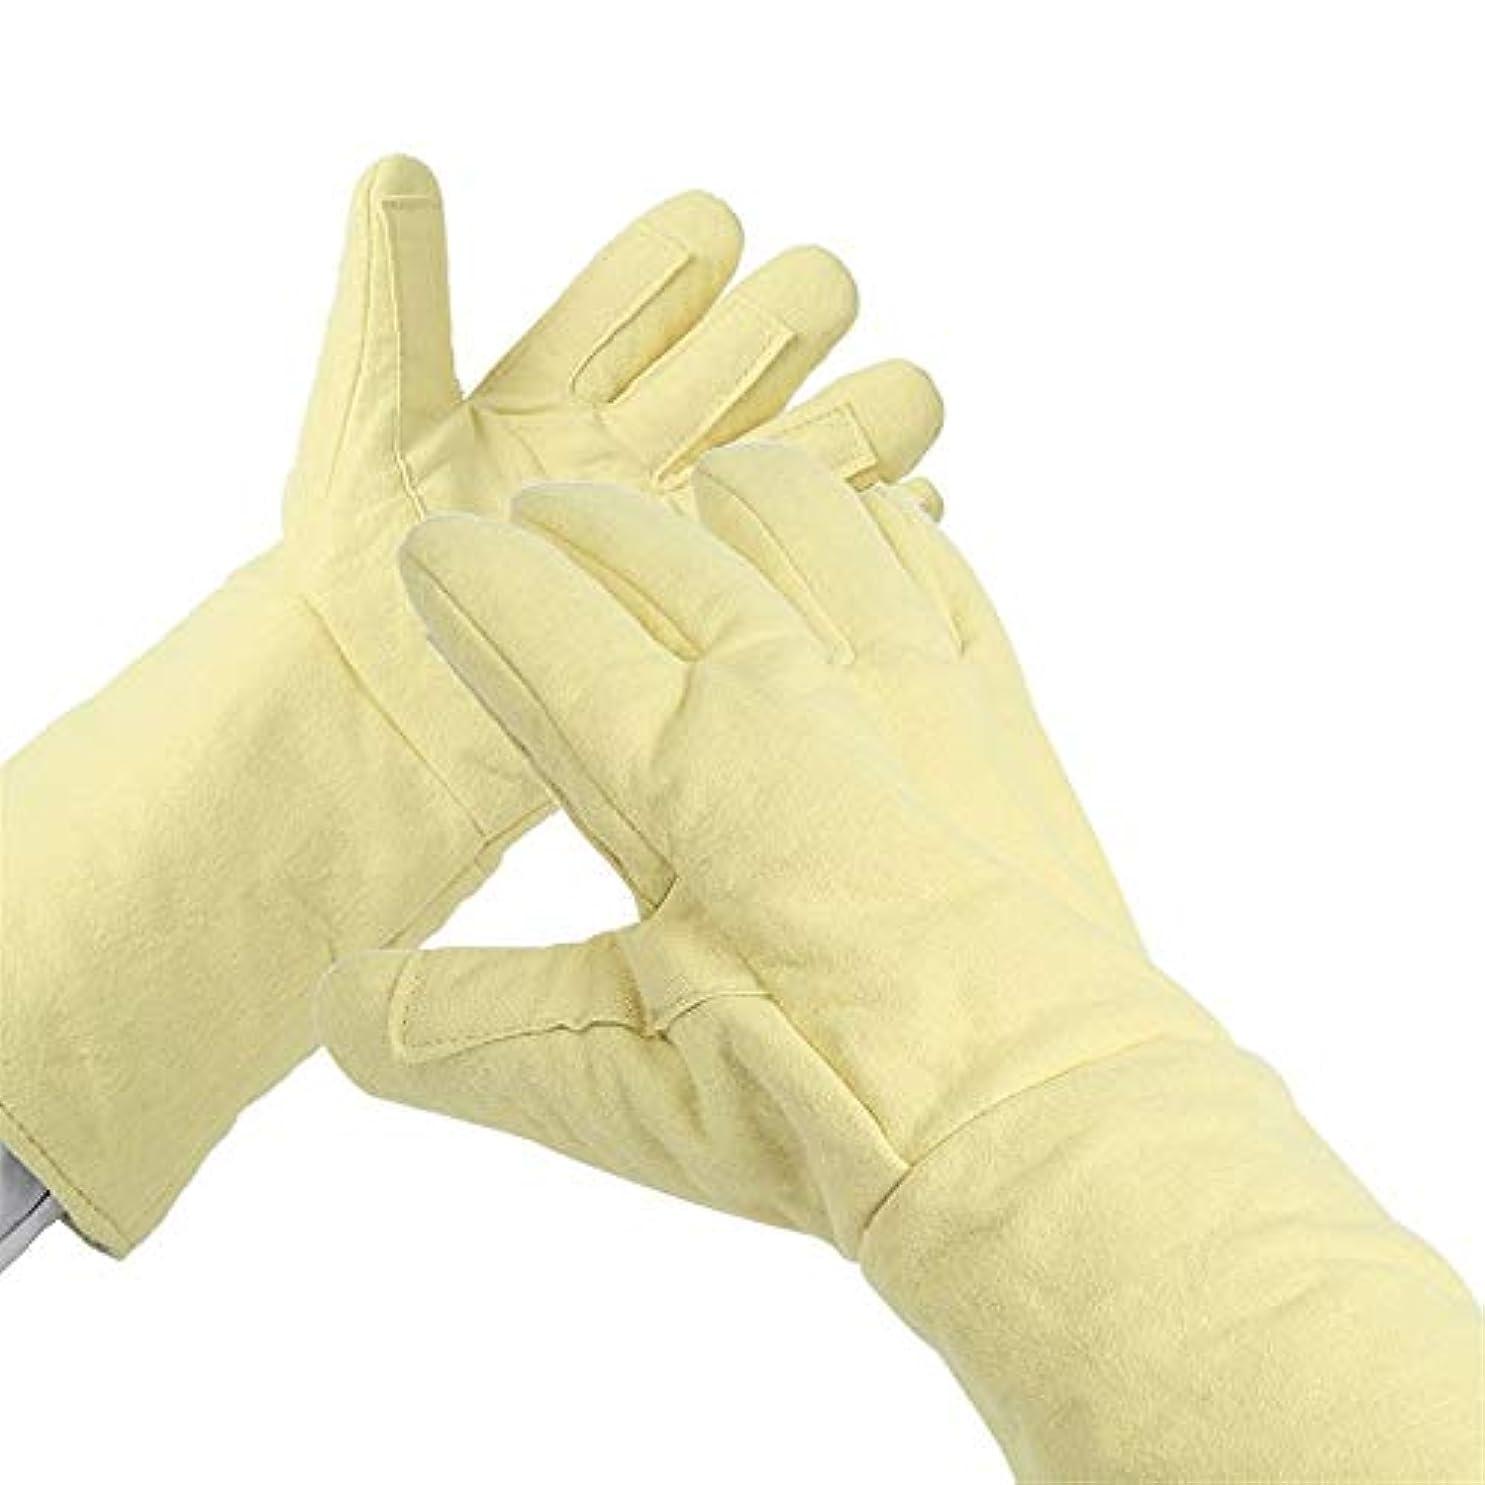 橋誇りに思う羊のMDYJP 高温耐性 手袋 アンチカッティング ハンド 穿刺 保護 産業労働者 耐摩耗性 手袋 (Color : Yellow, Size : L)